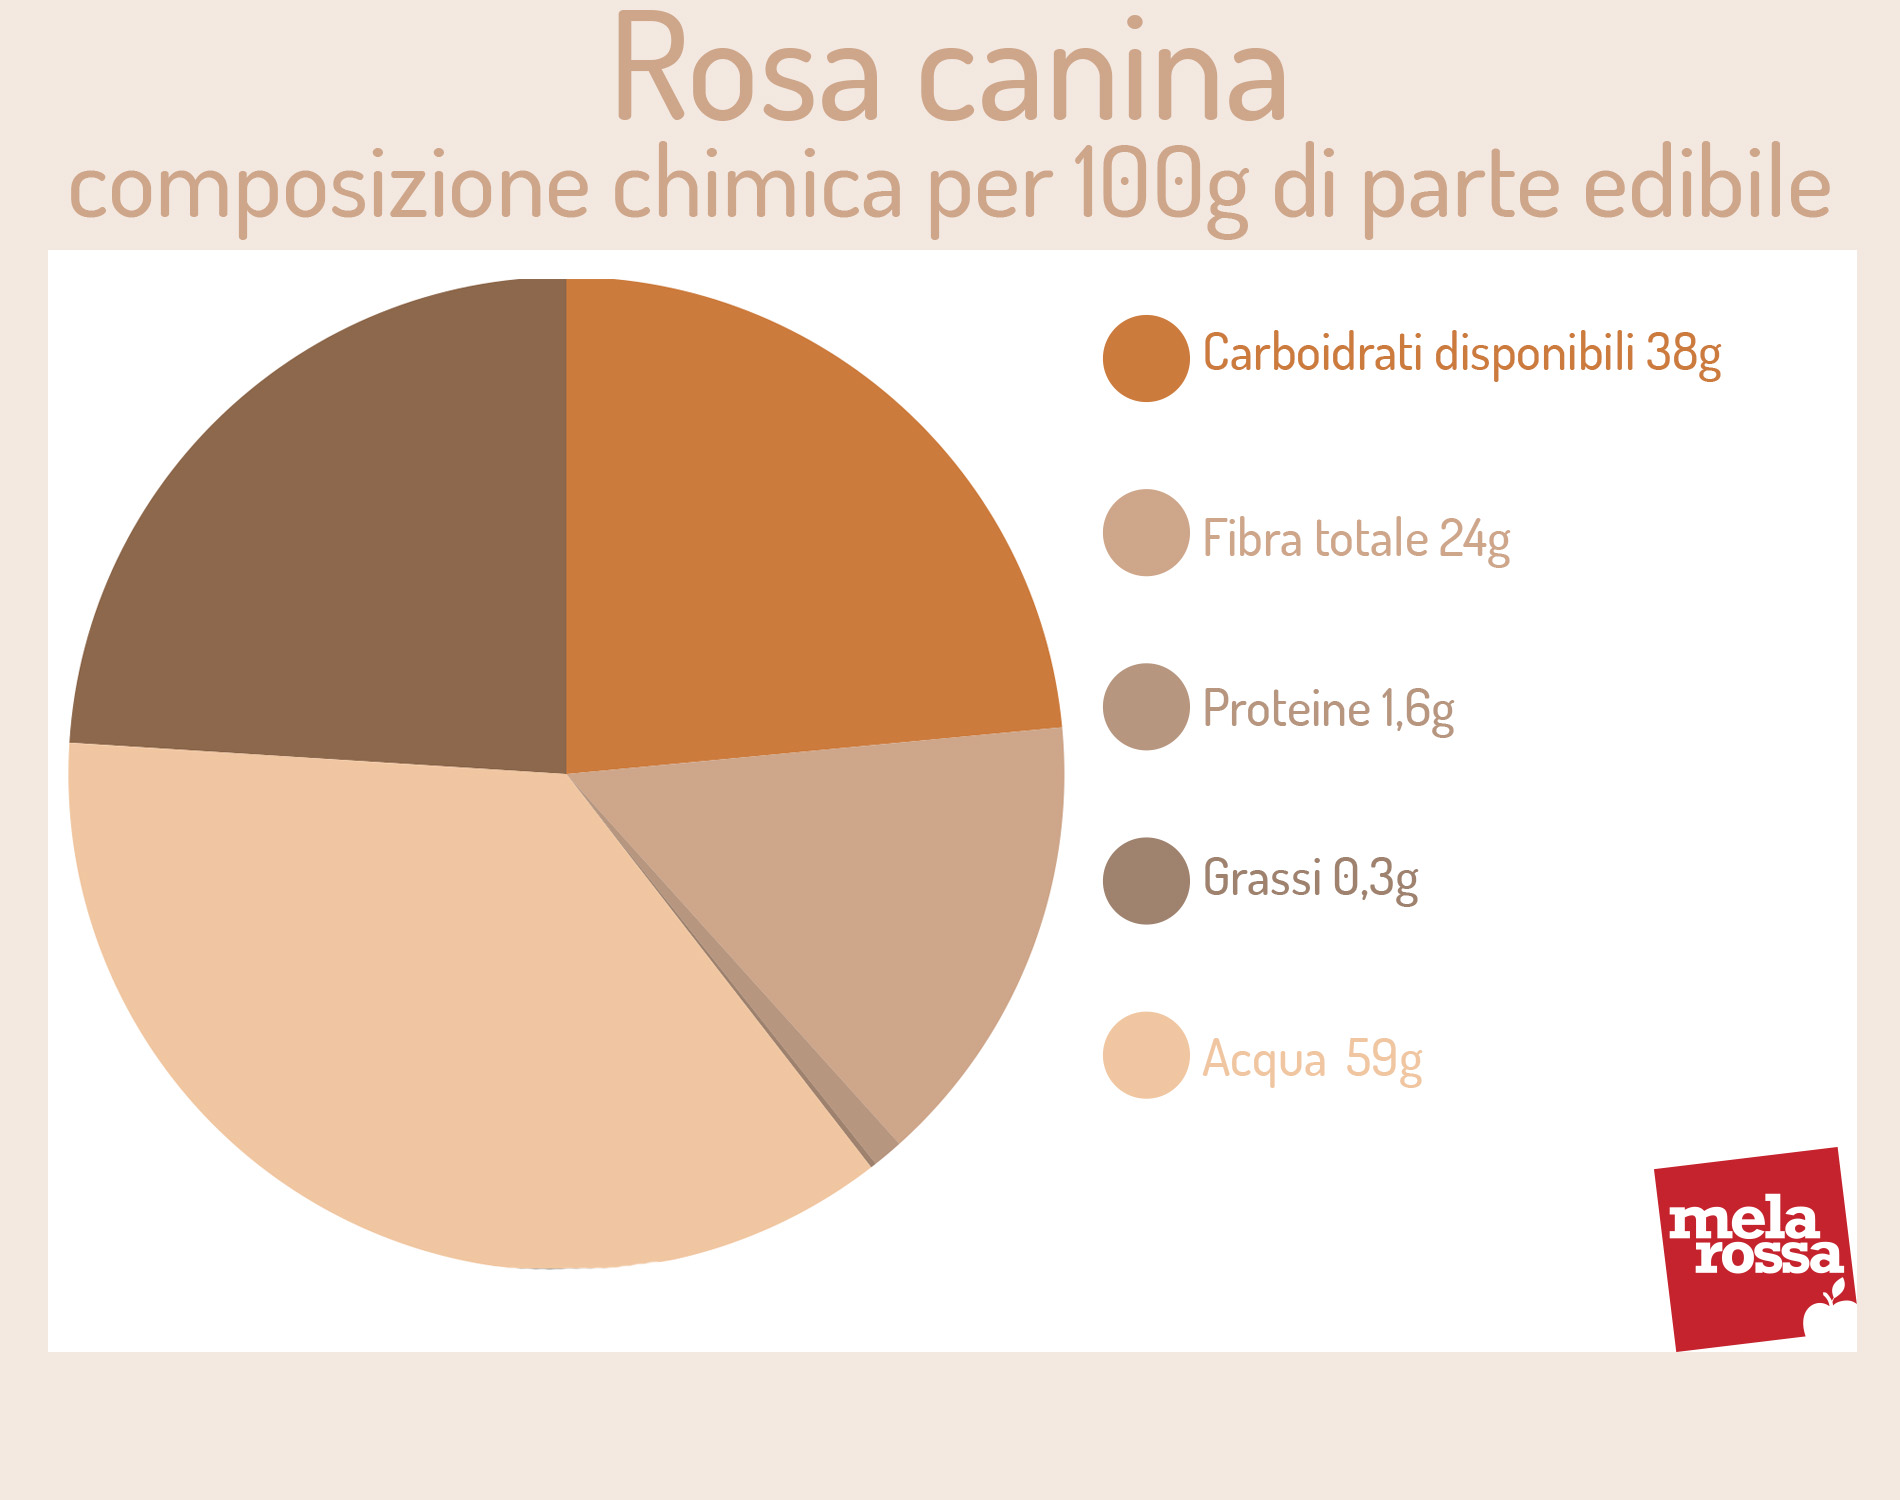 rosa canina: valori nutrizionali